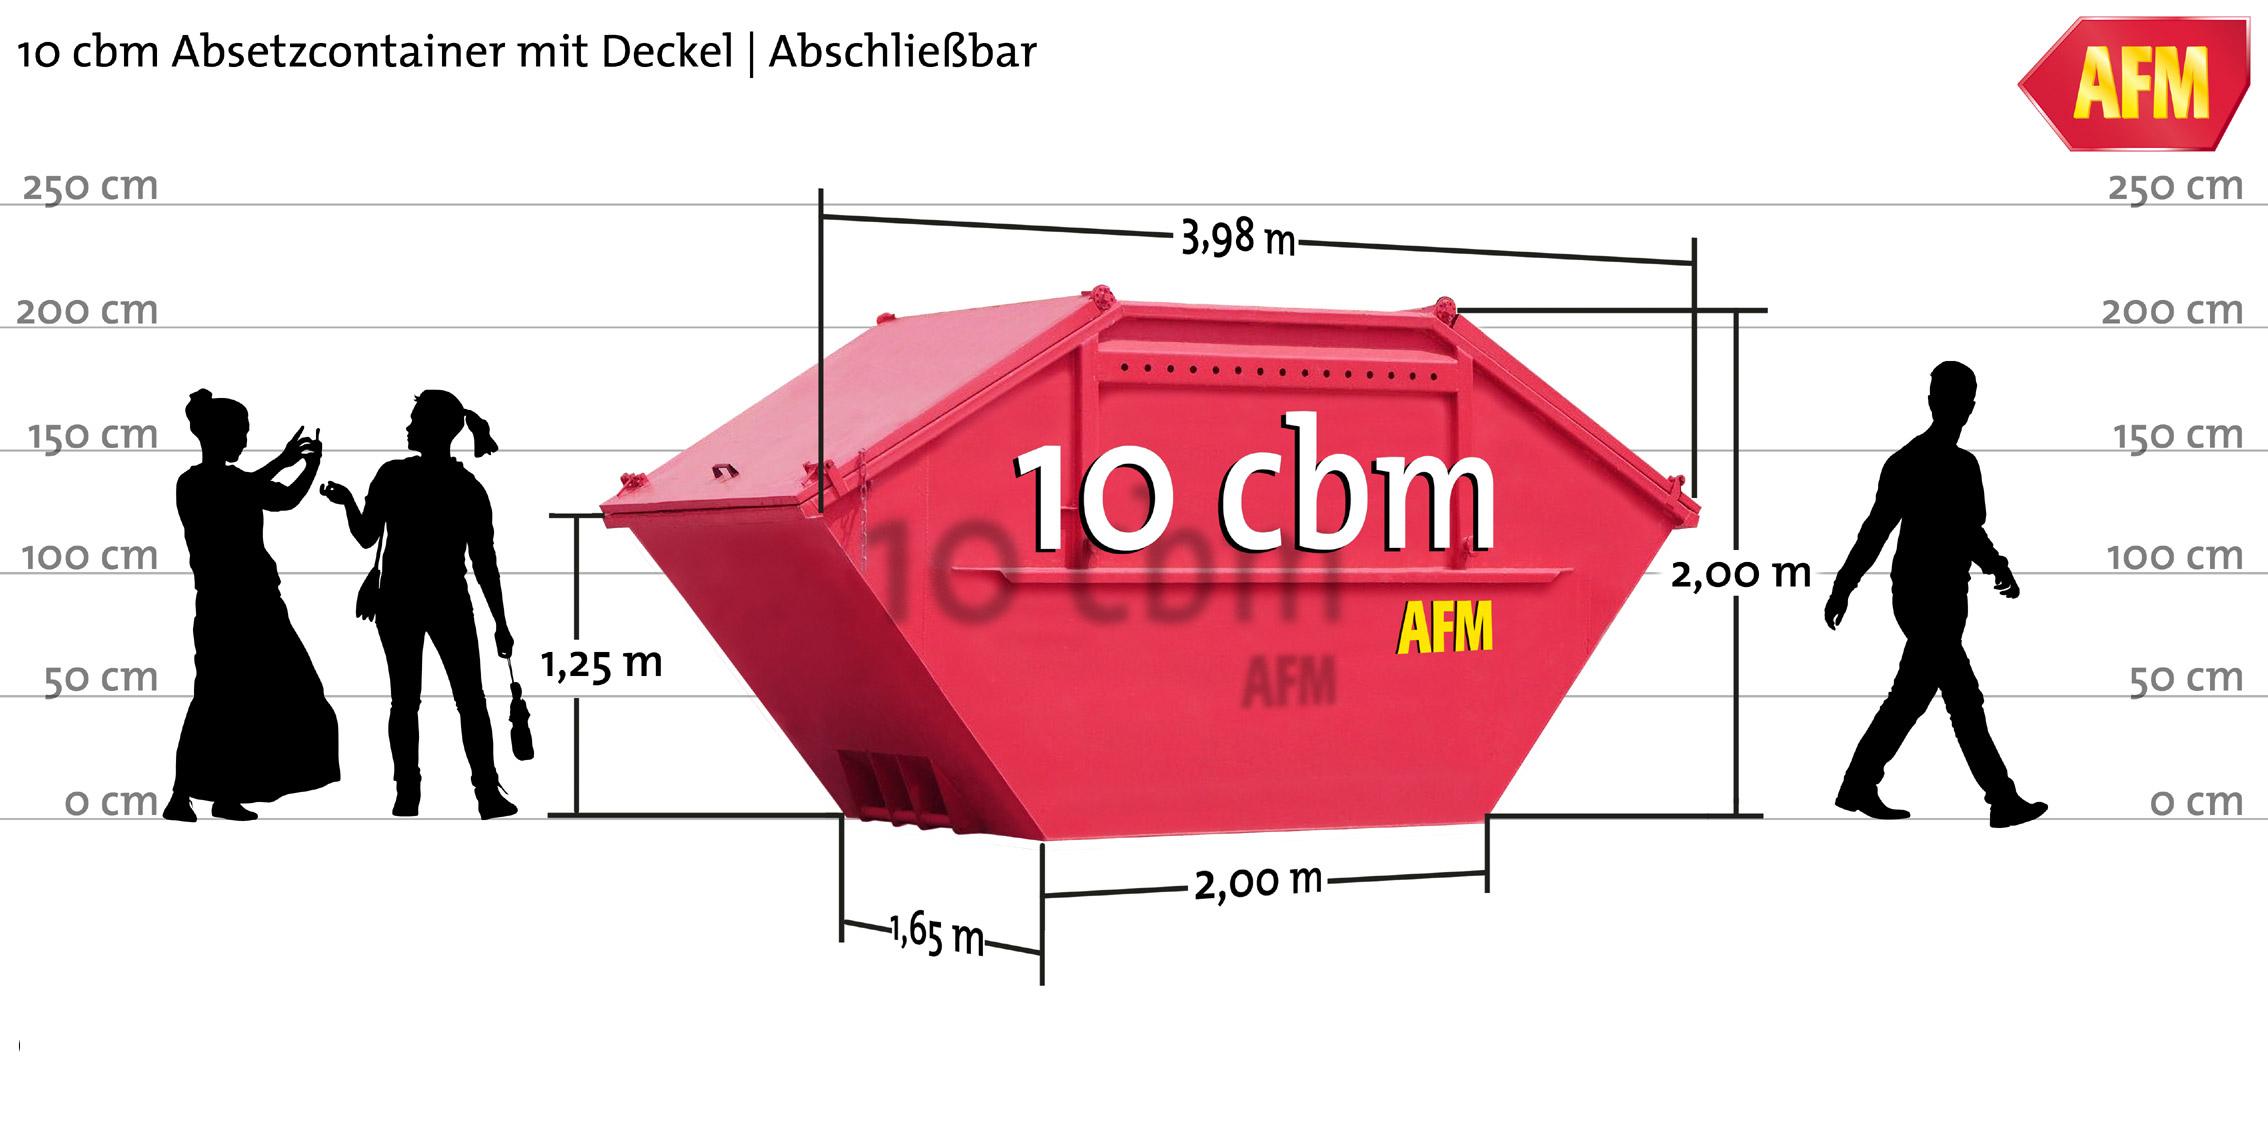 Absetz-Container mit Deckel 10cbm